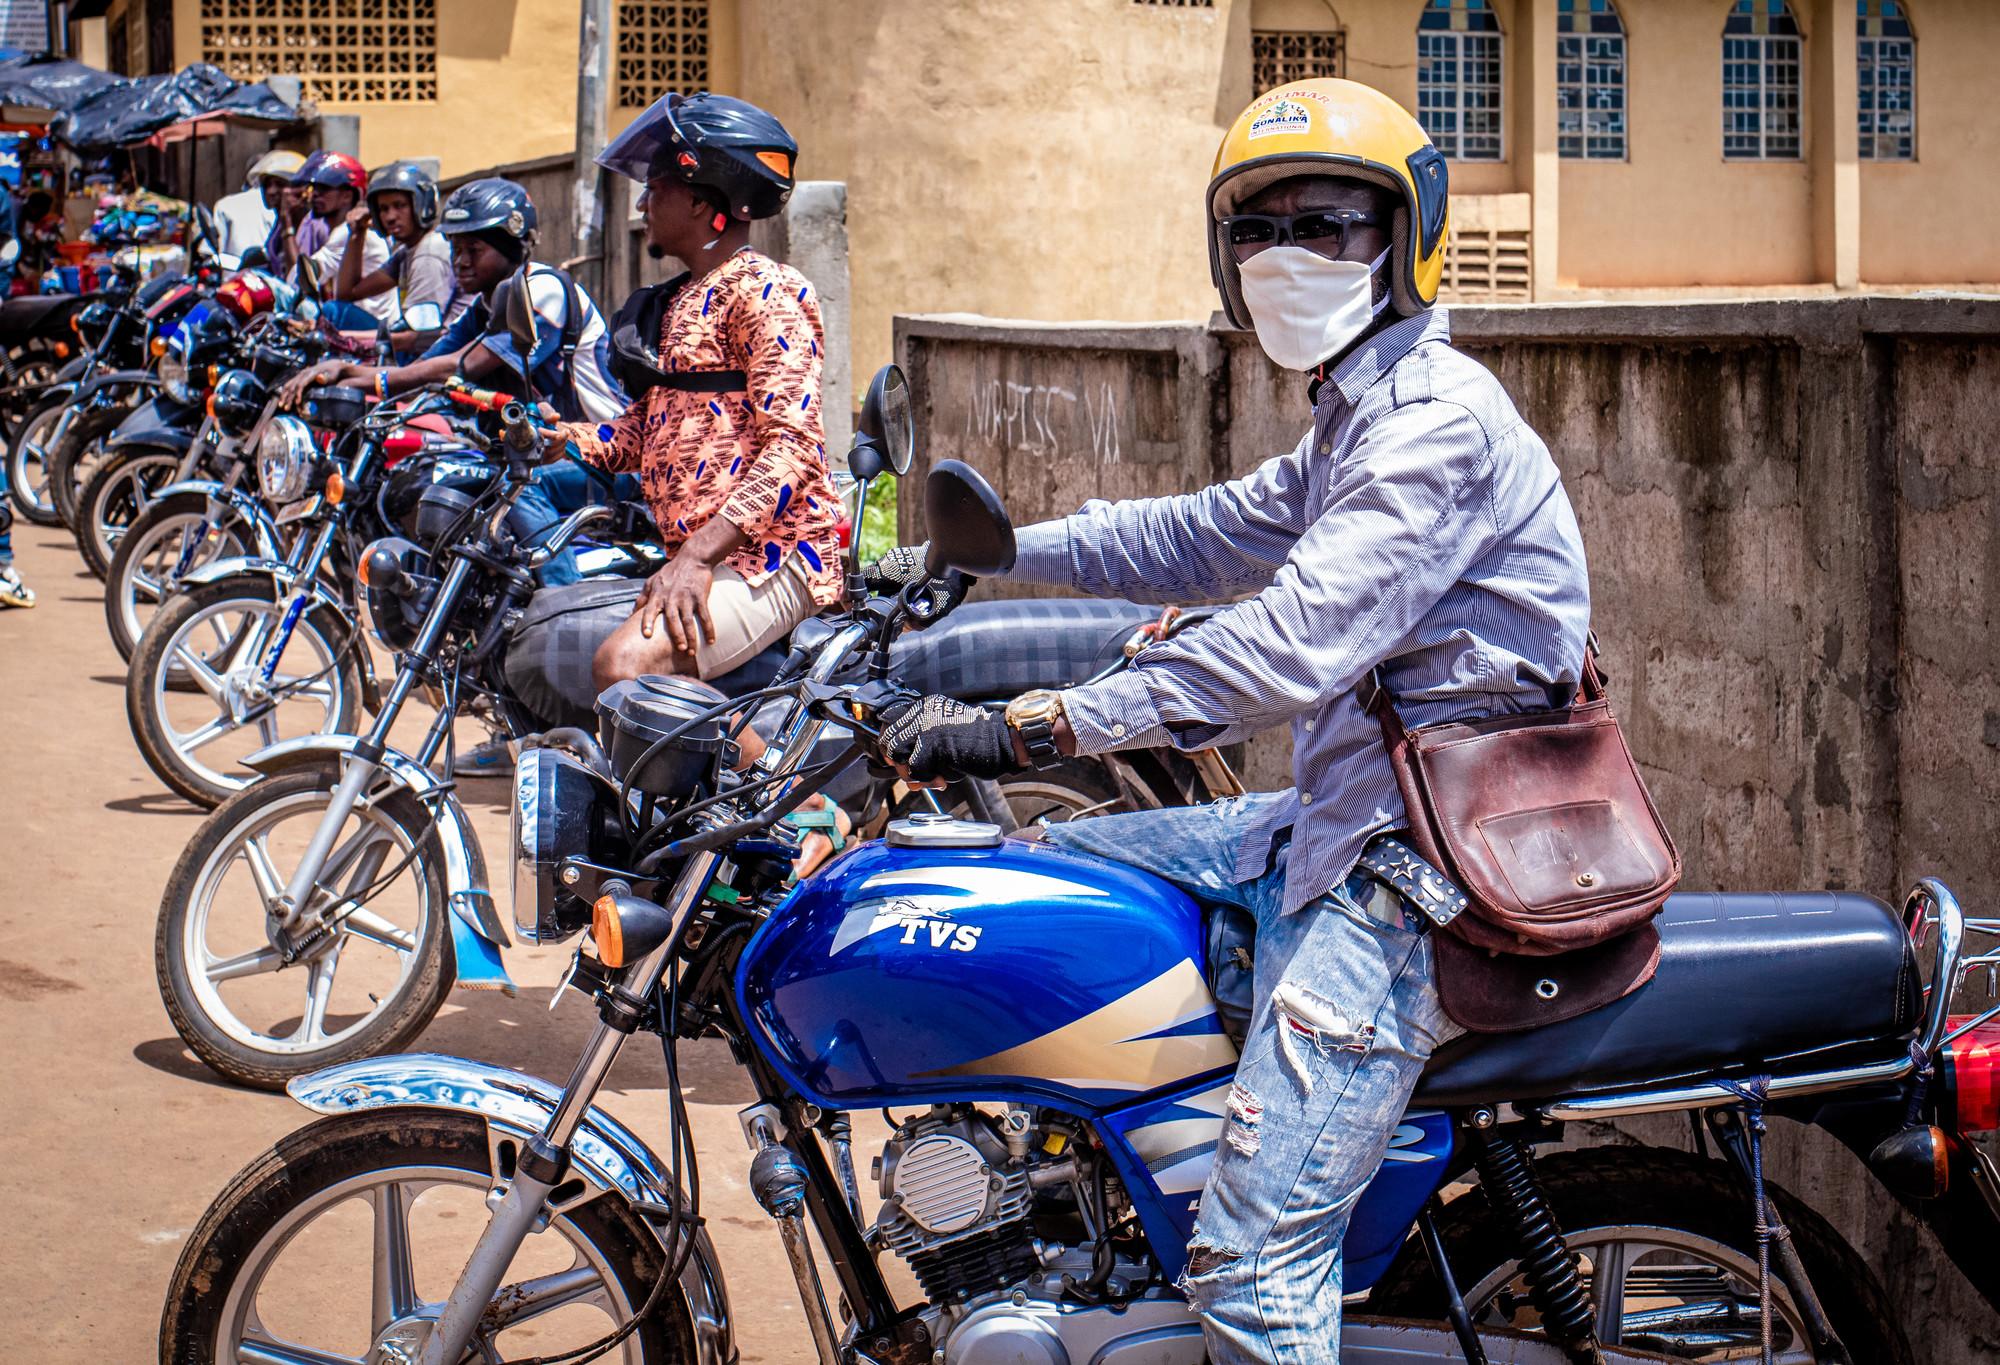 La gente se sienta en motocicletas estacionadas.